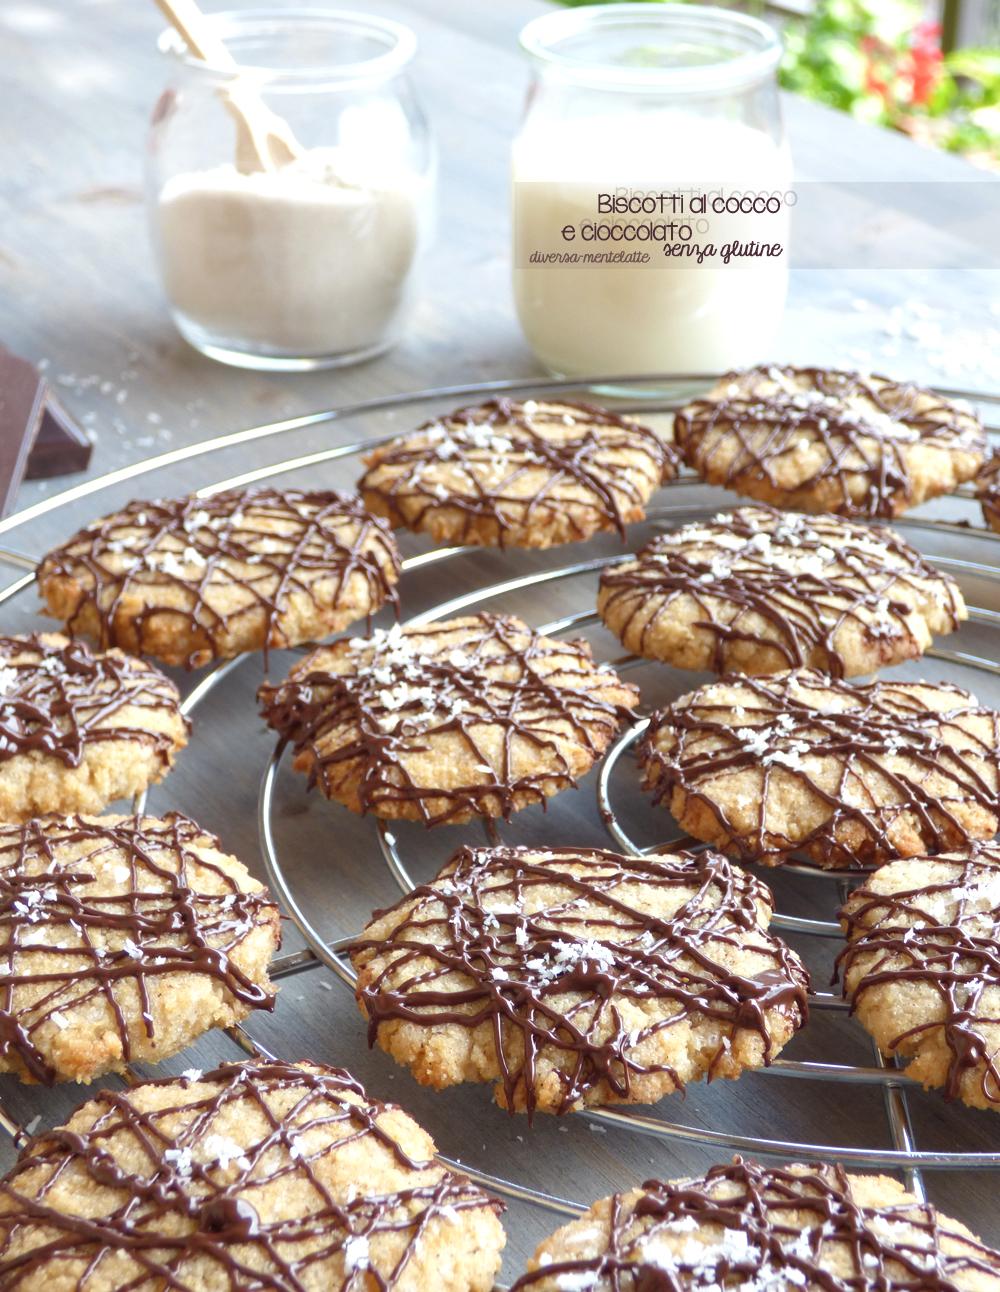 biscotti cocco cioccolato